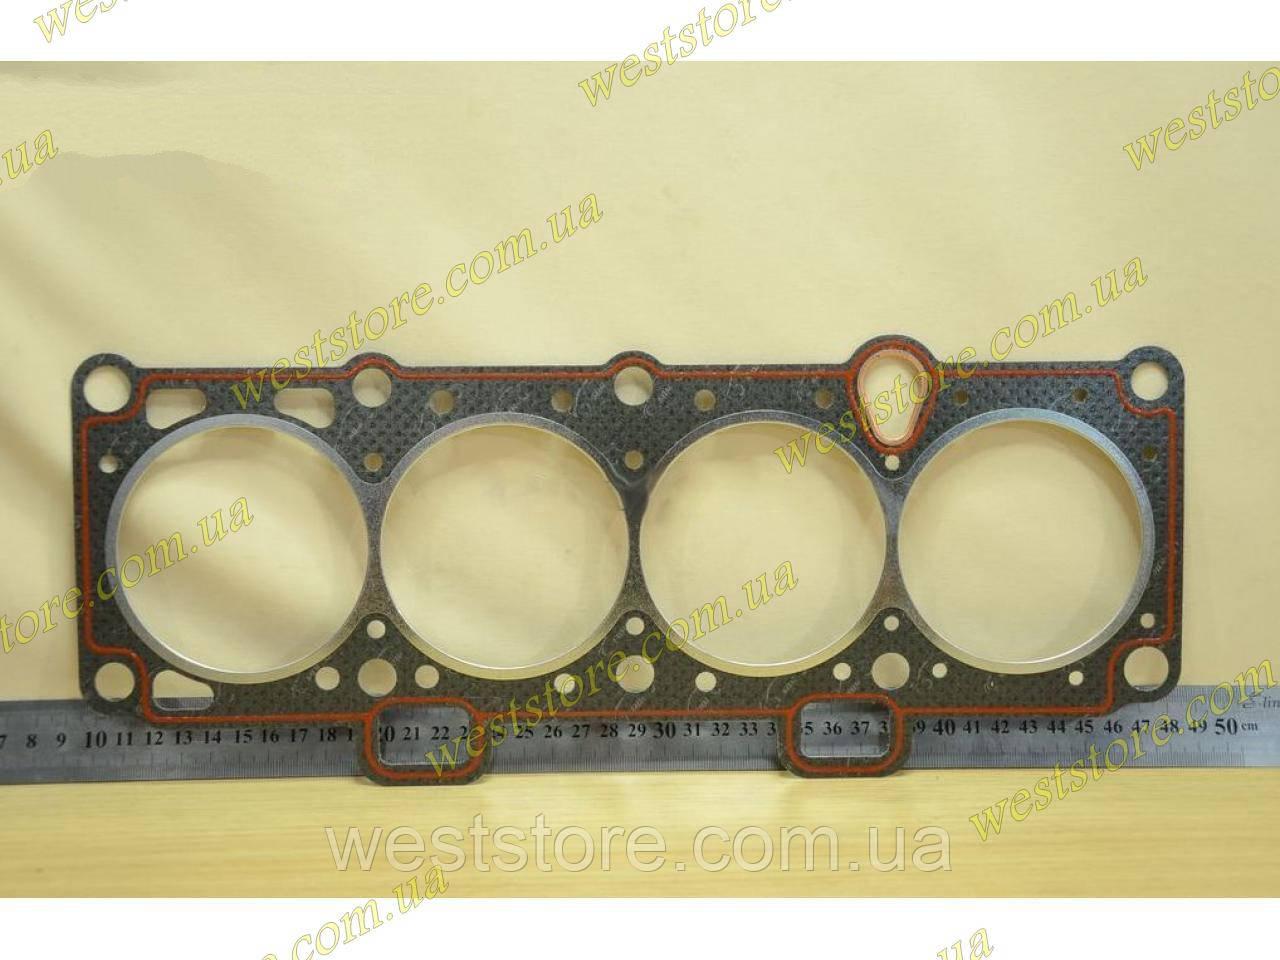 Прокладка головки блока цилиндров Ваз 21083 (V-1.5) с герметиком